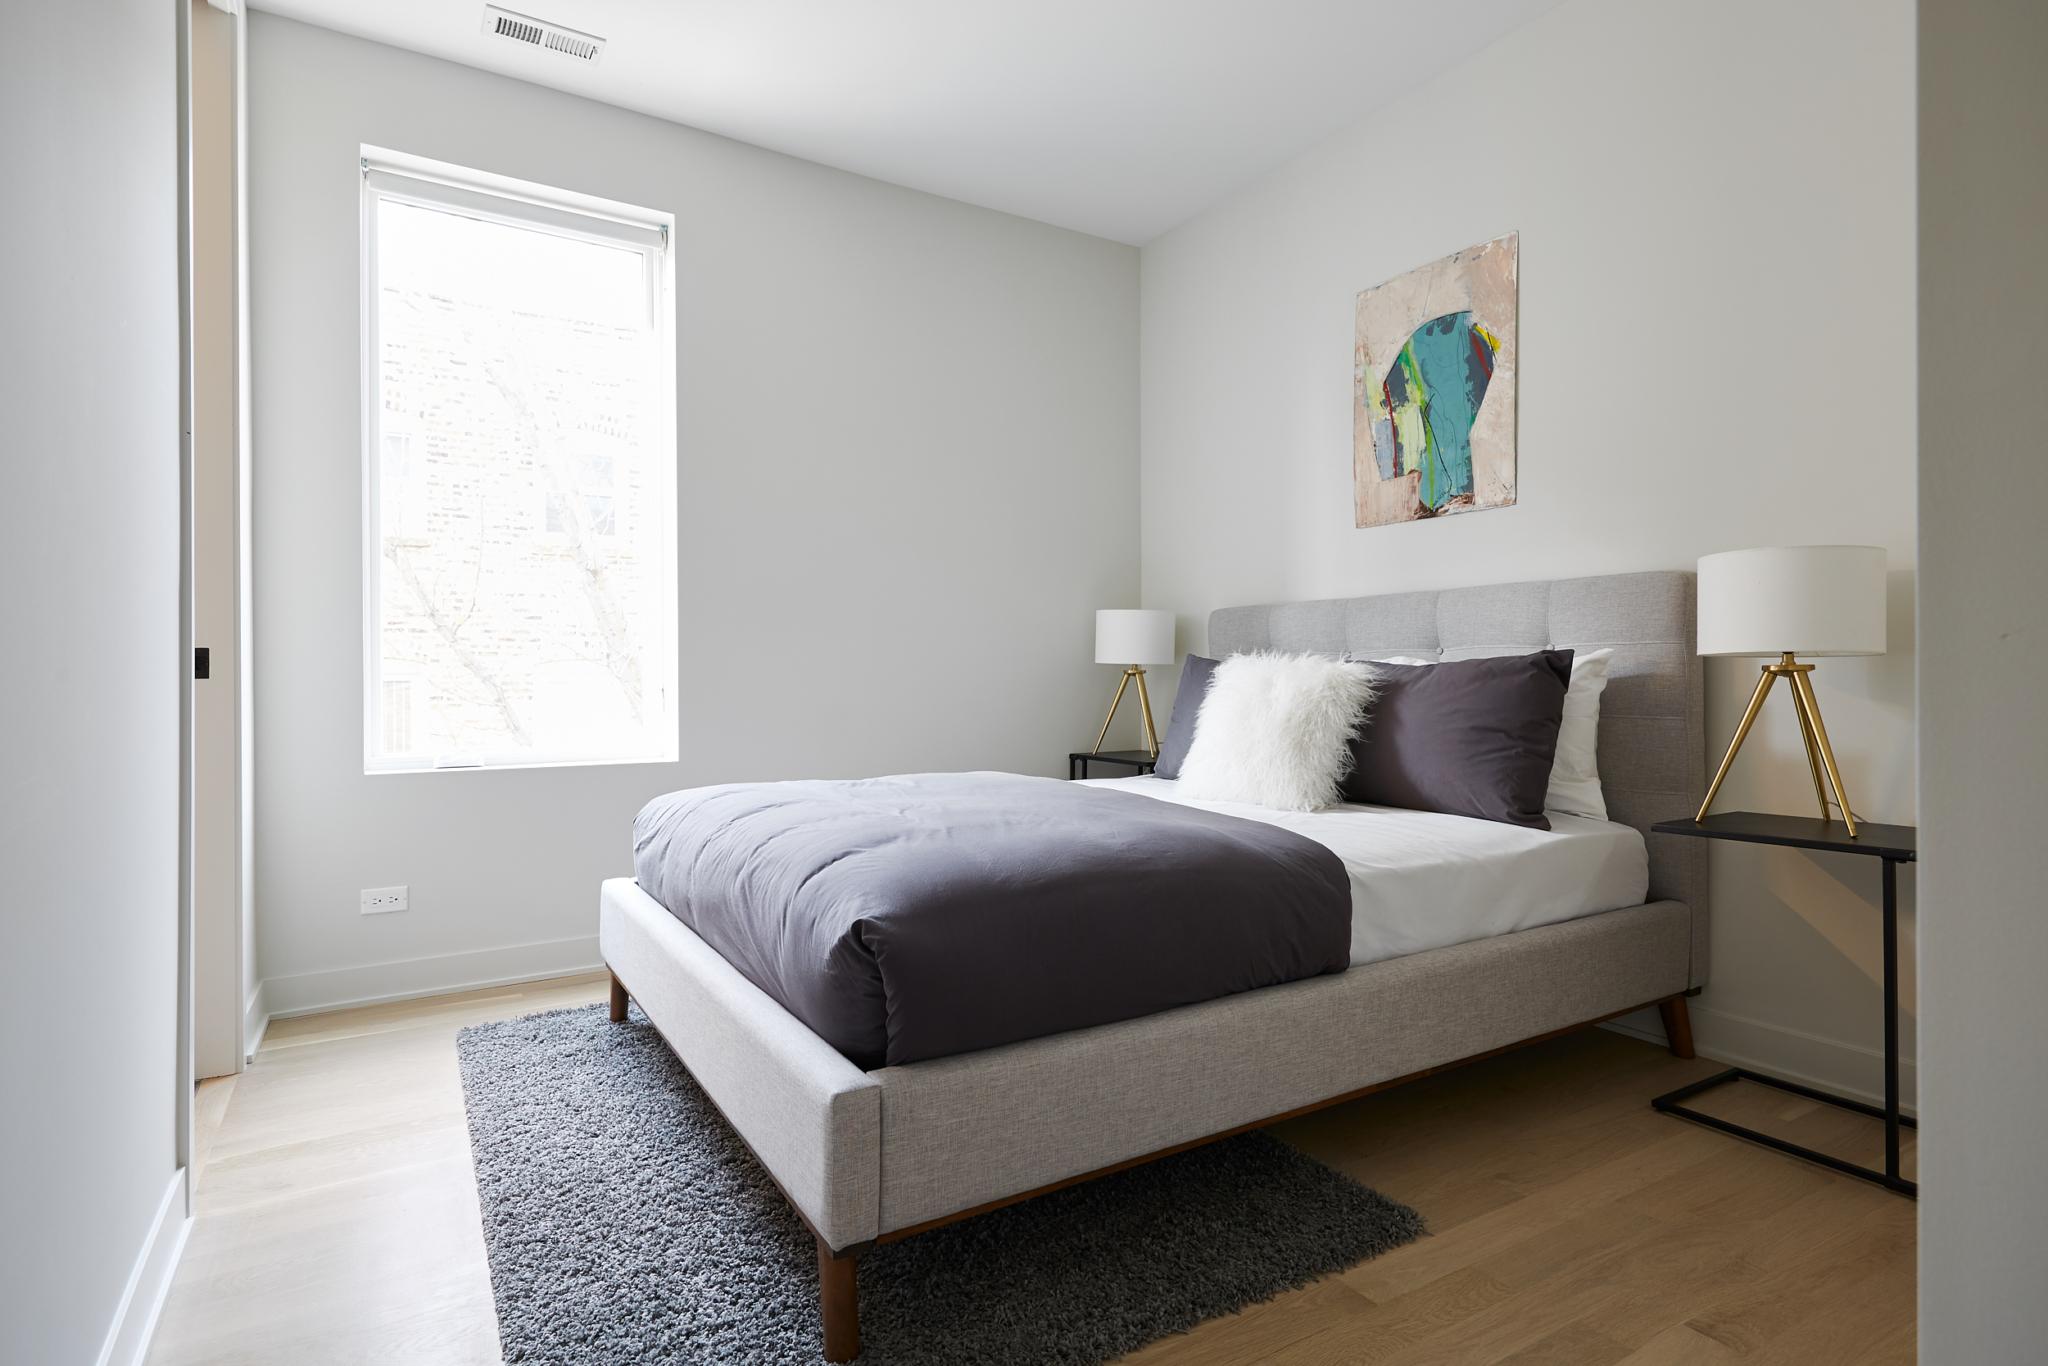 530Dickens_Bedroom2_7-scaled.jpg